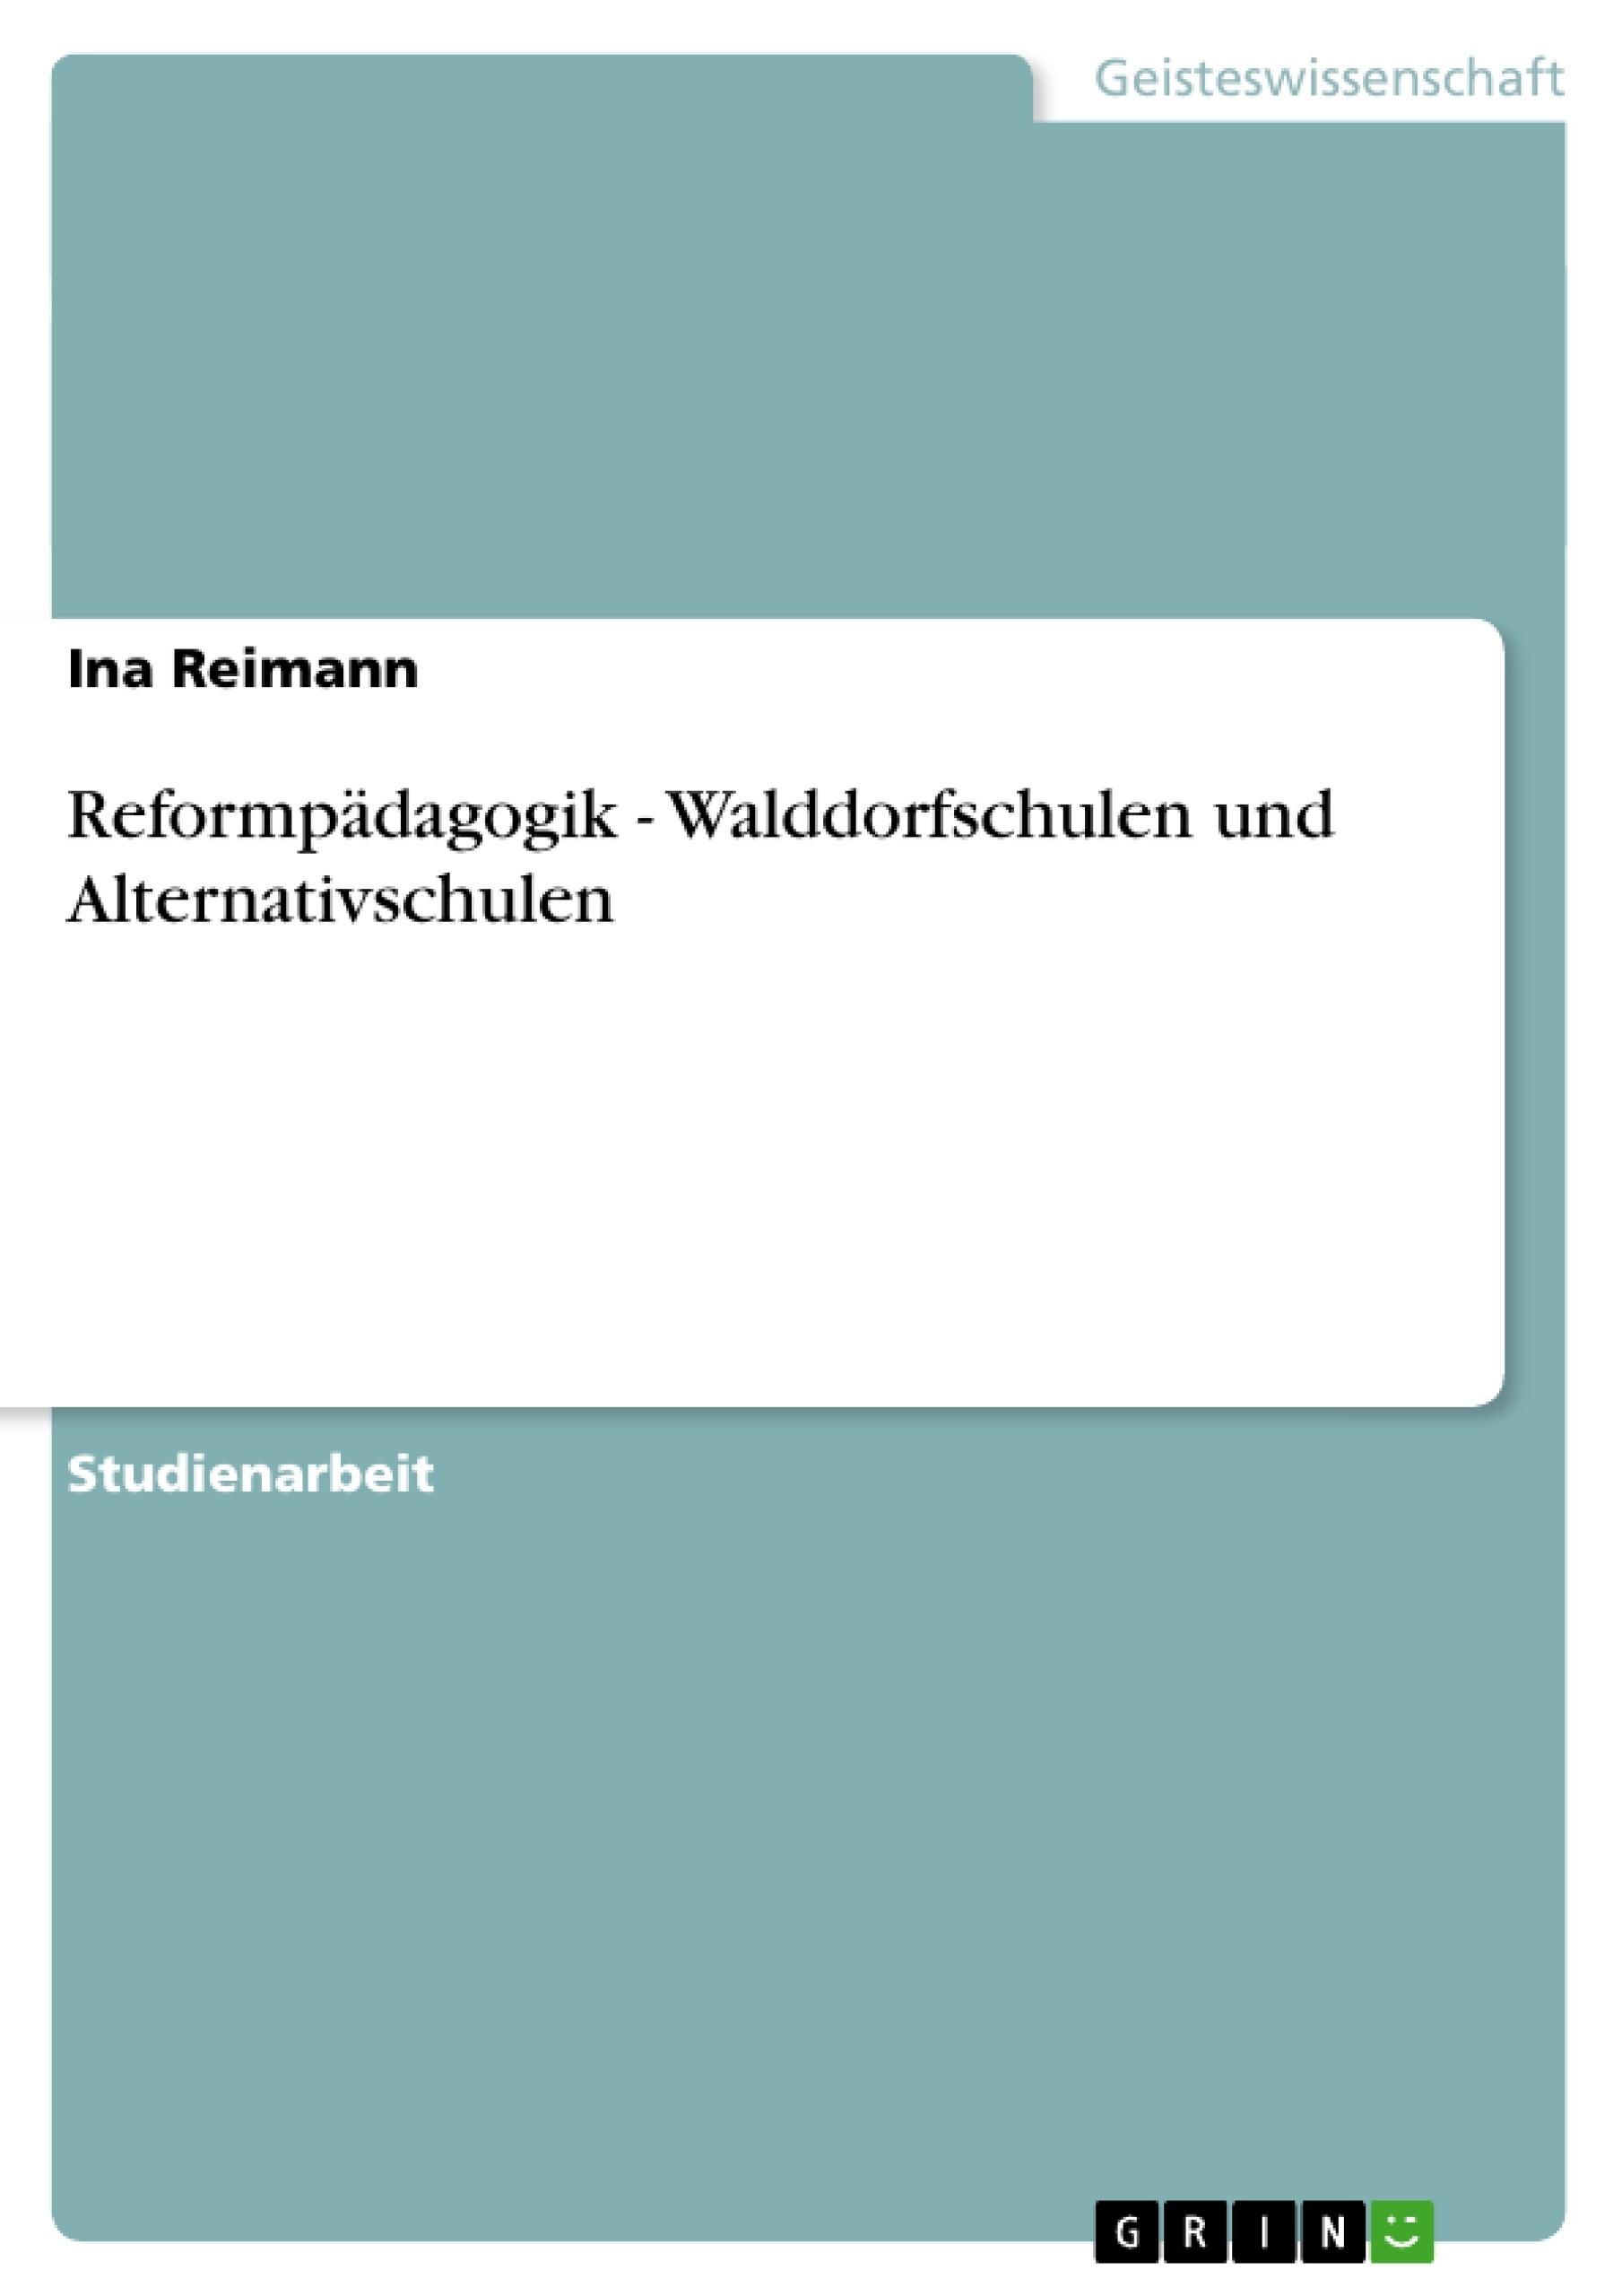 Titel: Reformpädagogik - Walddorfschulen und Alternativschulen